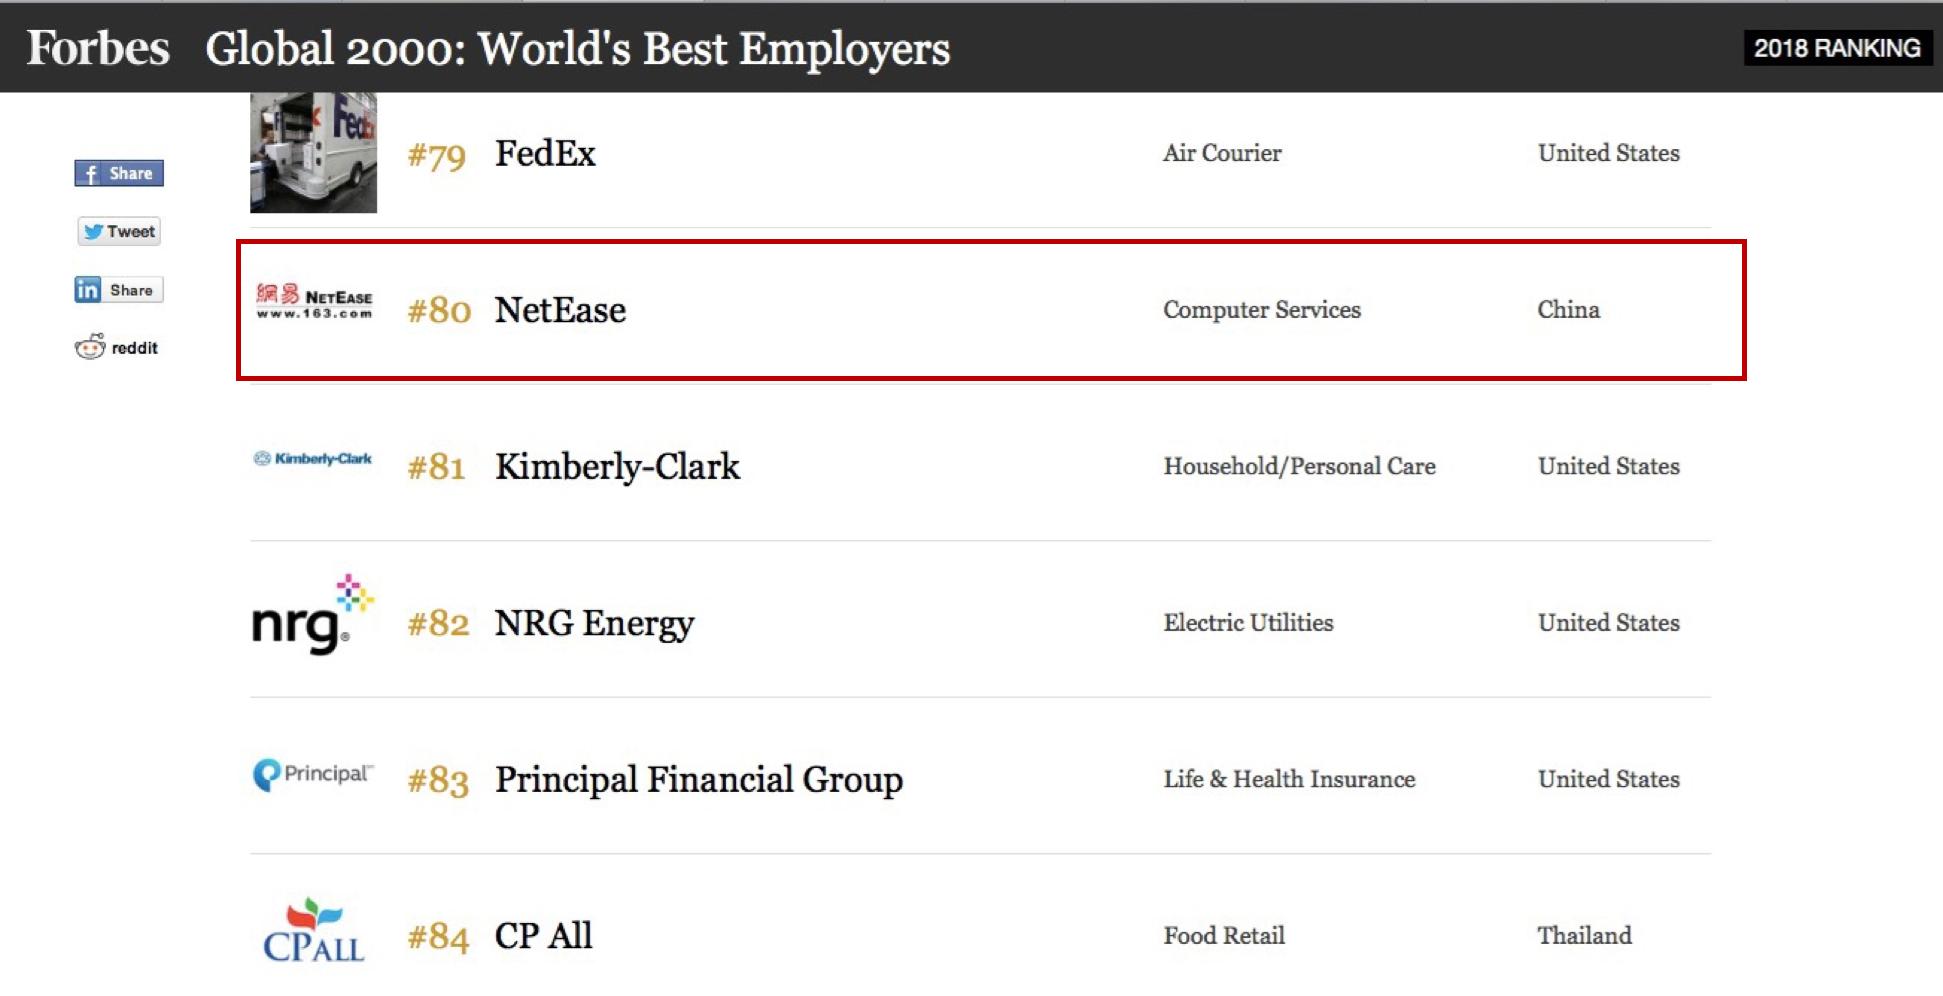 网易再次入选全球最佳雇主榜 领跑中国互联网企业